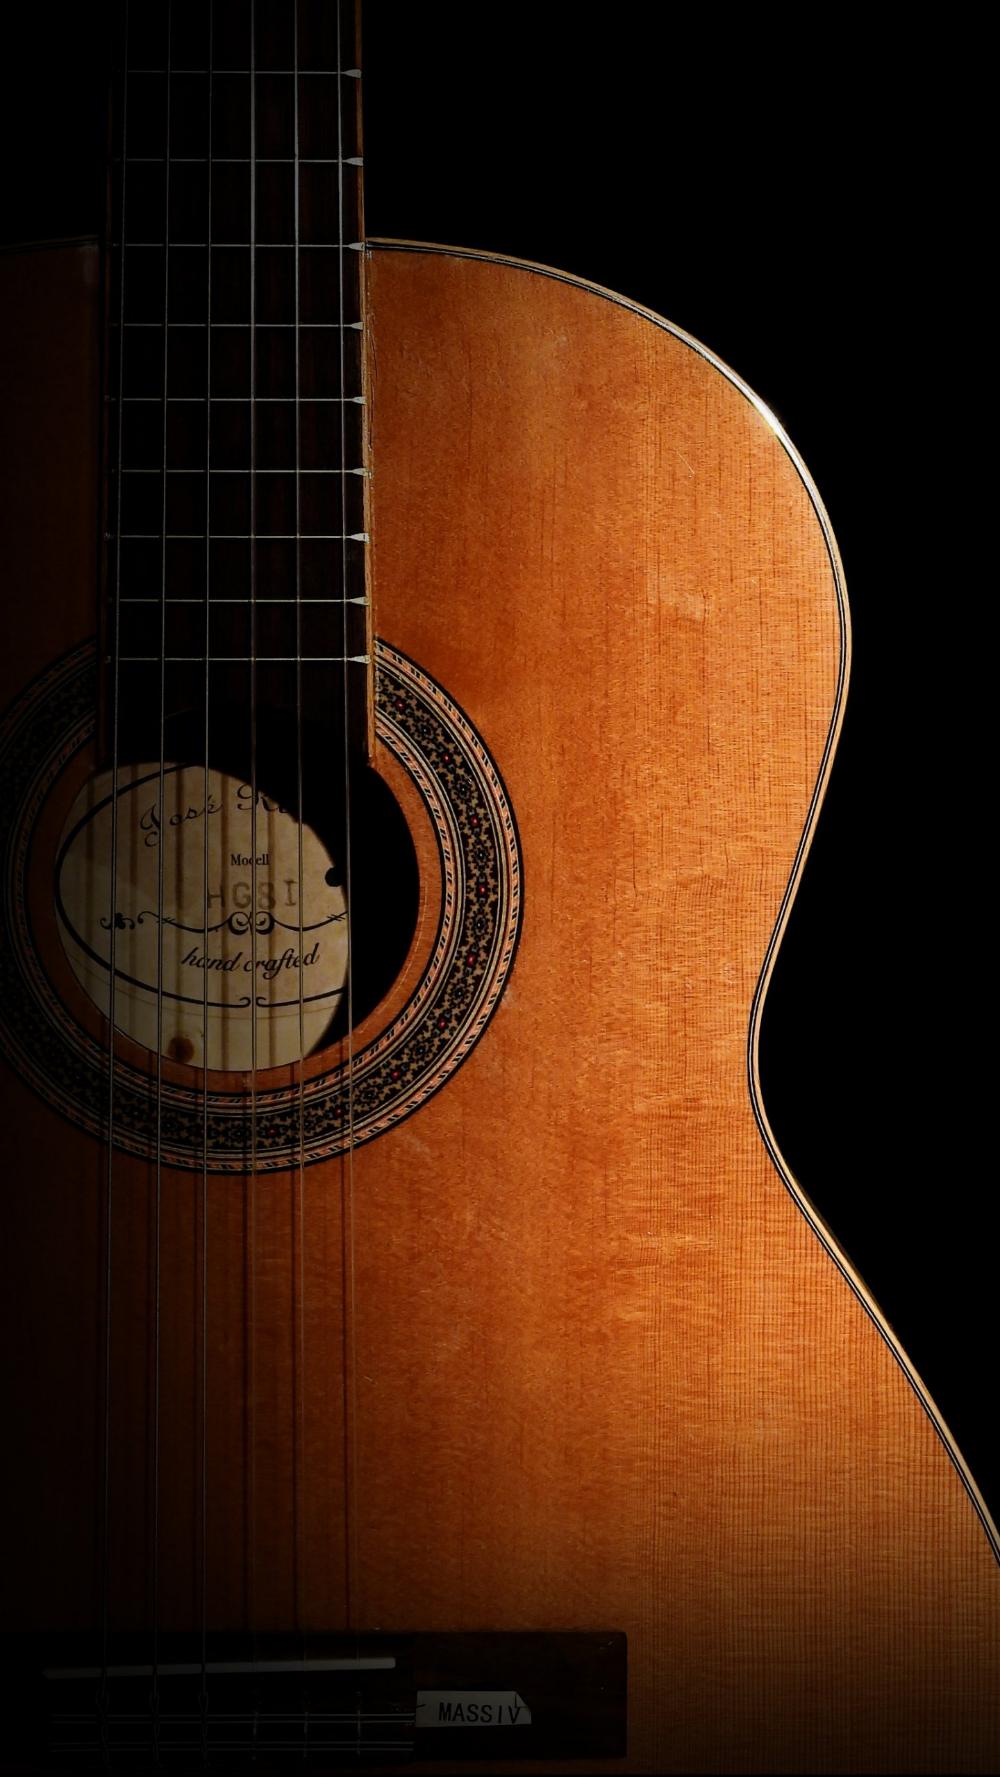 Guitar Acoustic Guitar Hd Wallpaper Download In 2020 Guitar Wallpaper Iphone Acoustic Guitar Photography Acoustic Guitar